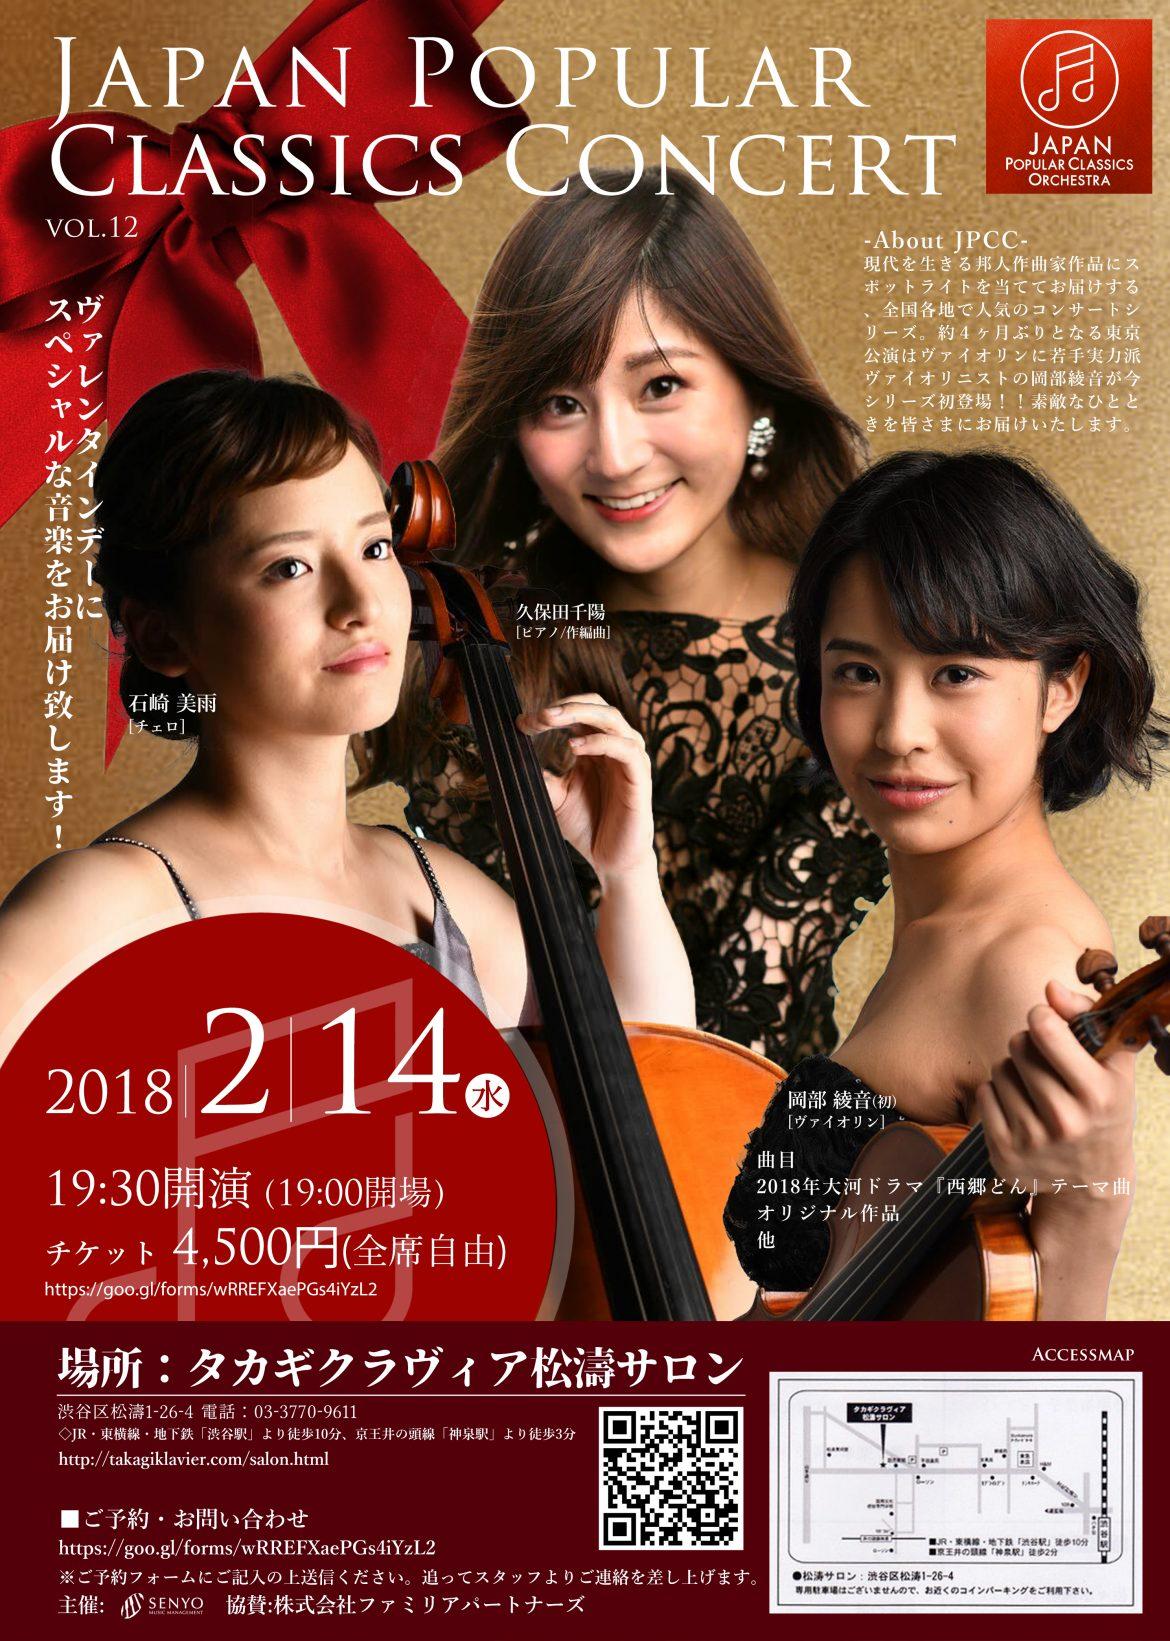 2018.2.14 第12回 JAPAN POPULAR CLASSICS CONCERT ~Valentine's Special~